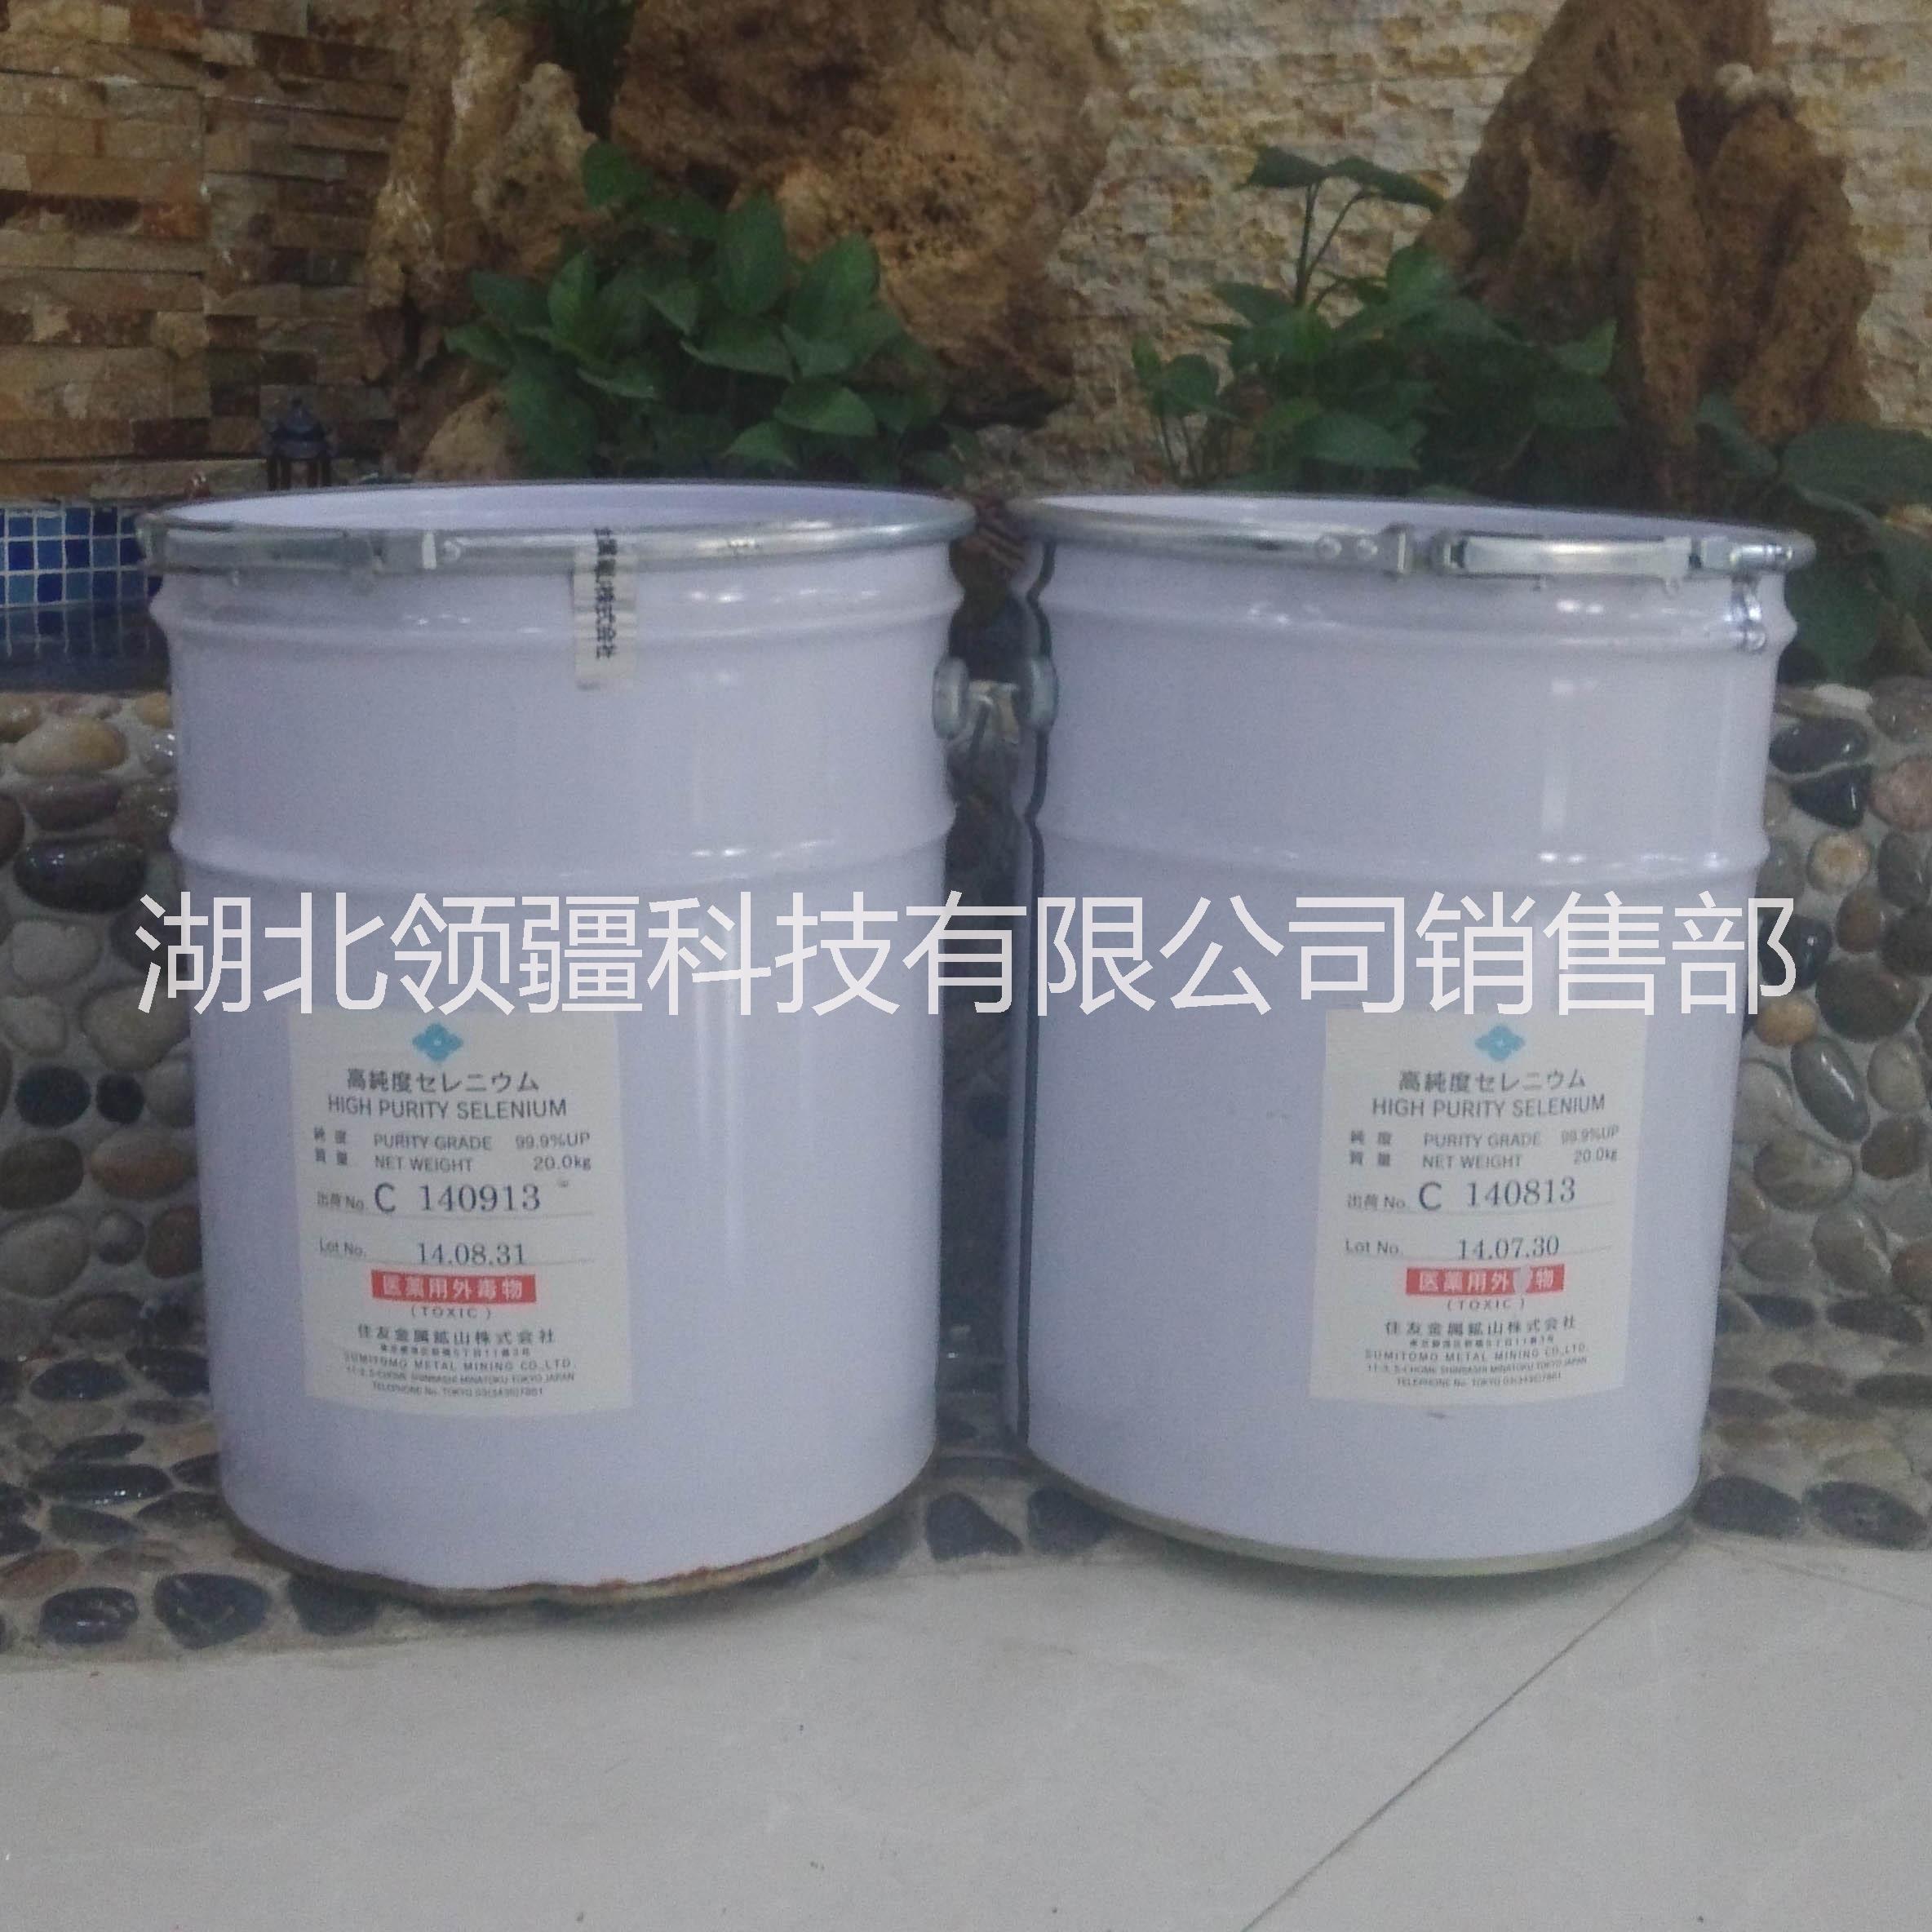 硒粉价格 硒粉供应商